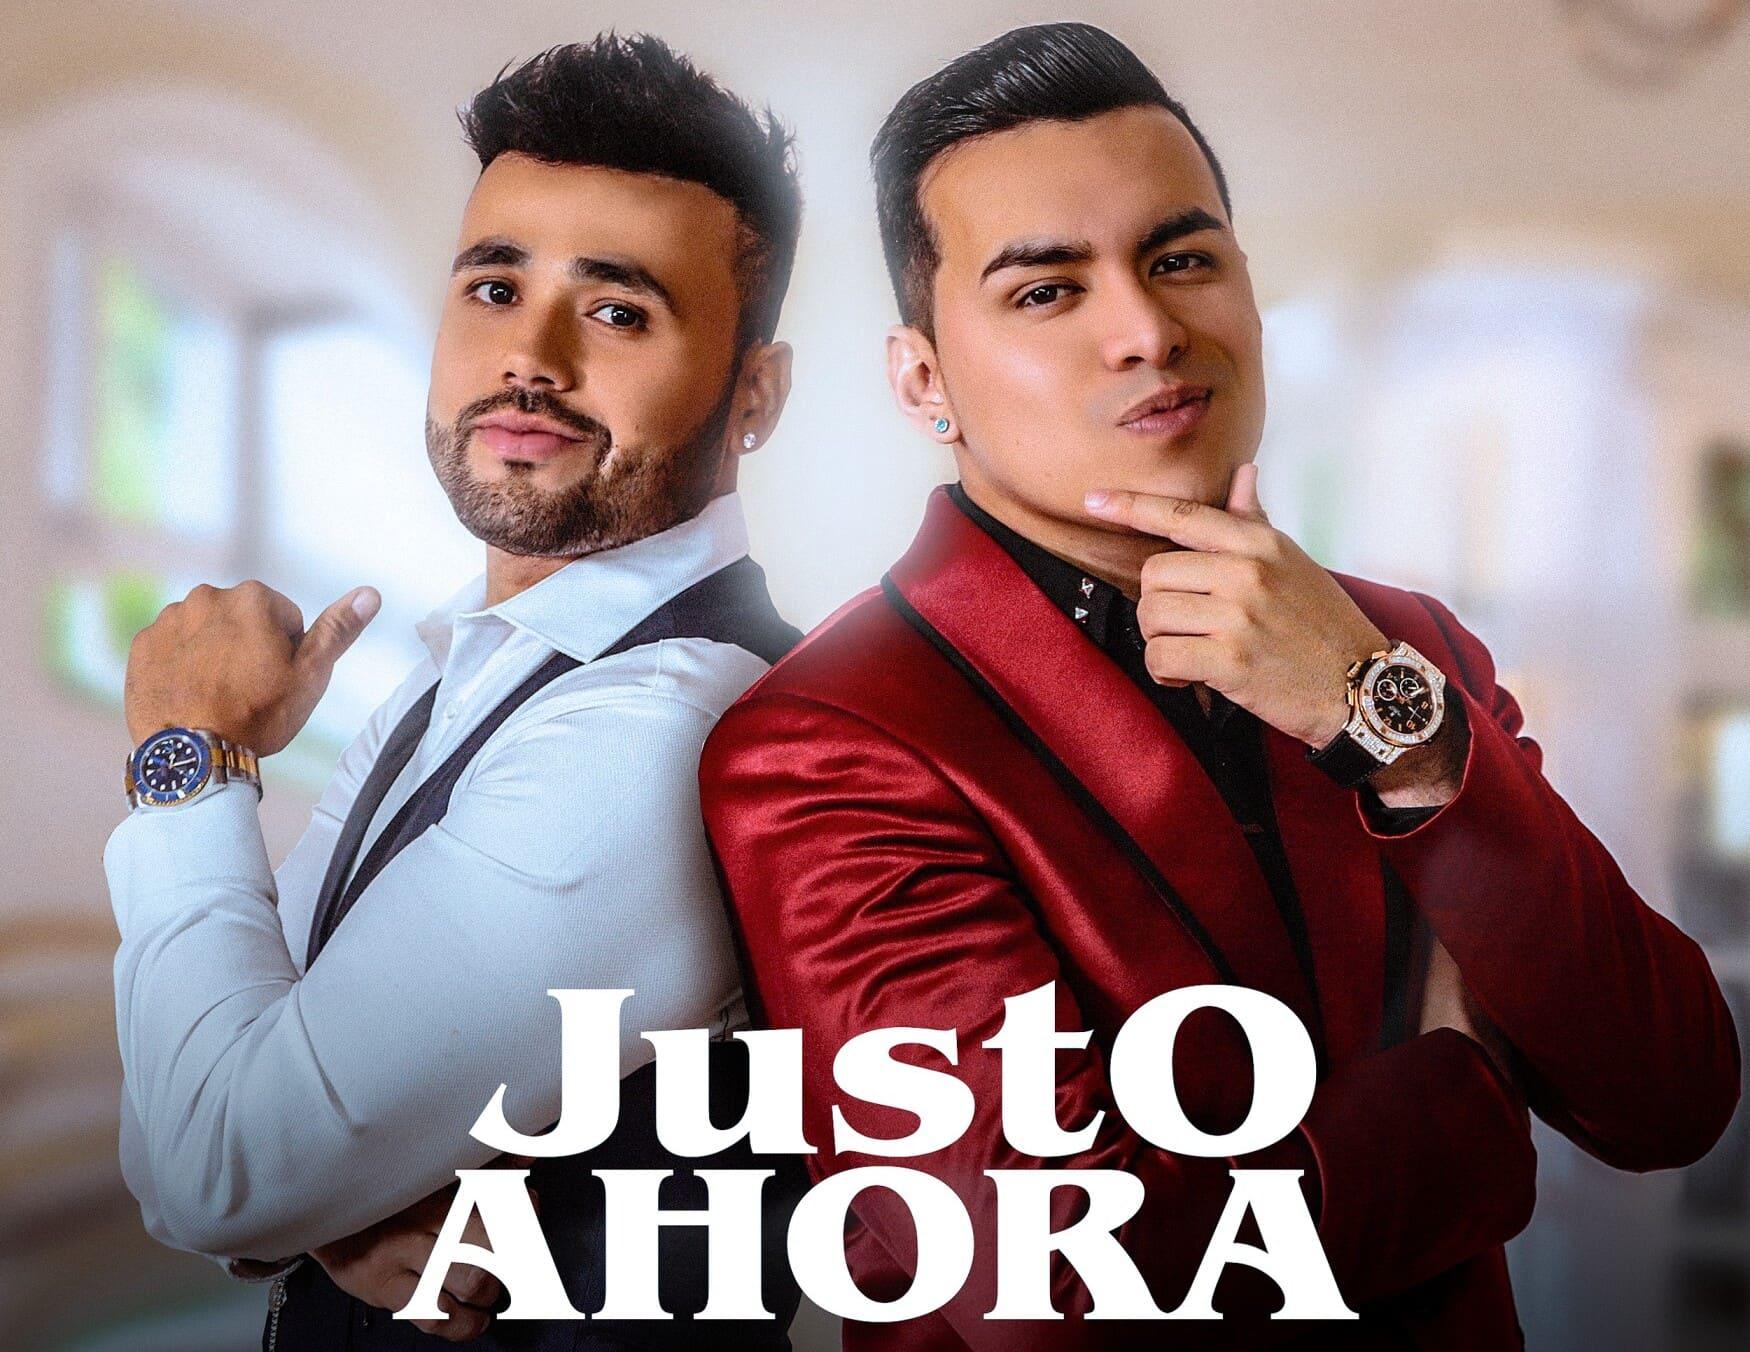 Ciro Quiñonez y Yeison Jiménez – Justo Ahora